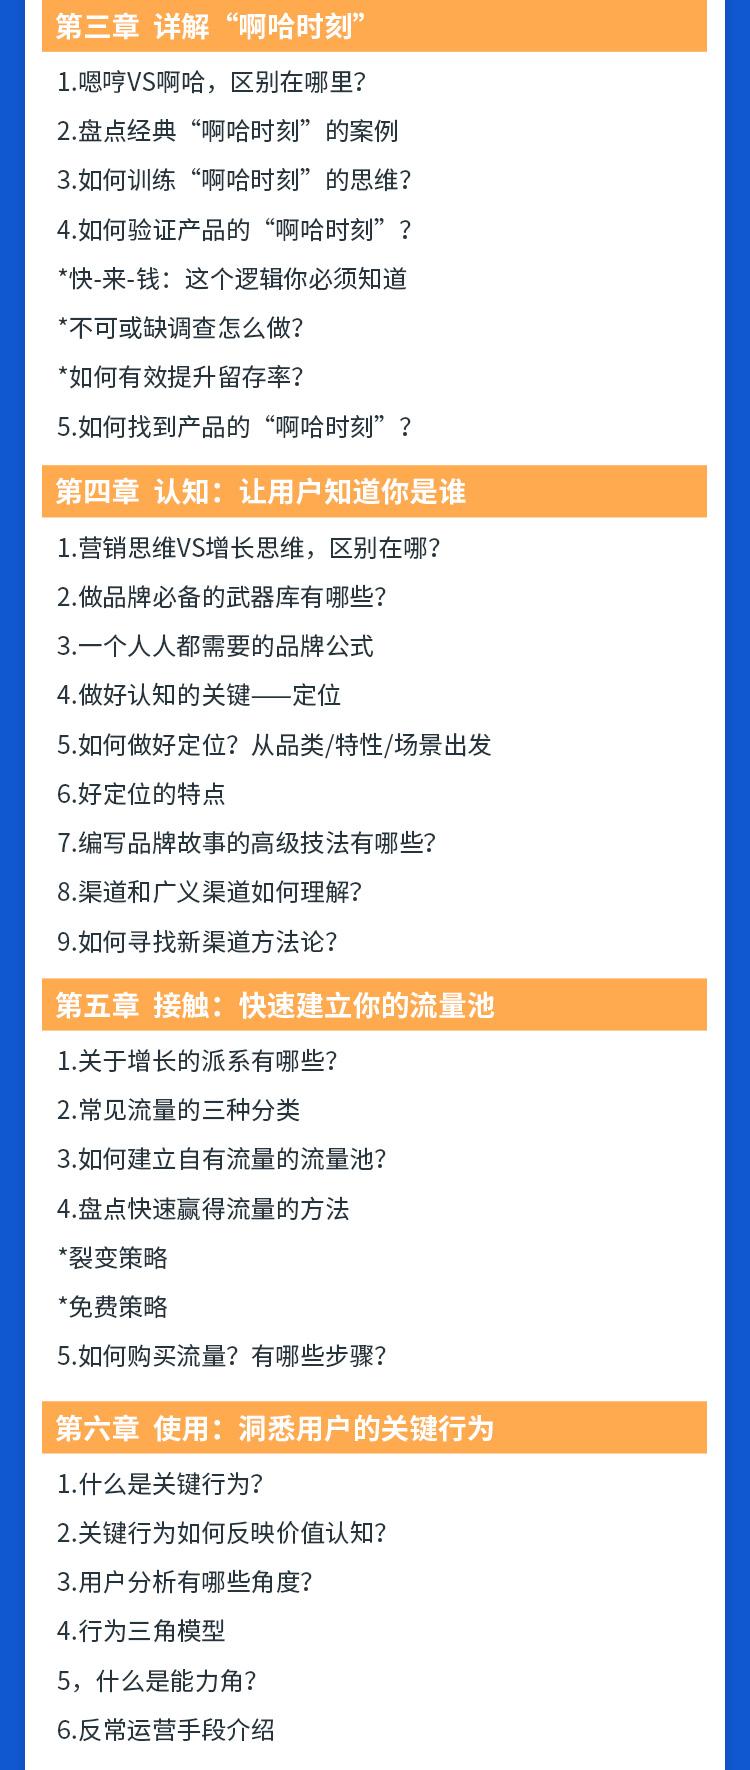 http://mtedu-img.oss-cn-beijing-internal.aliyuncs.com/ueditor/20181128161356_997181.jpg